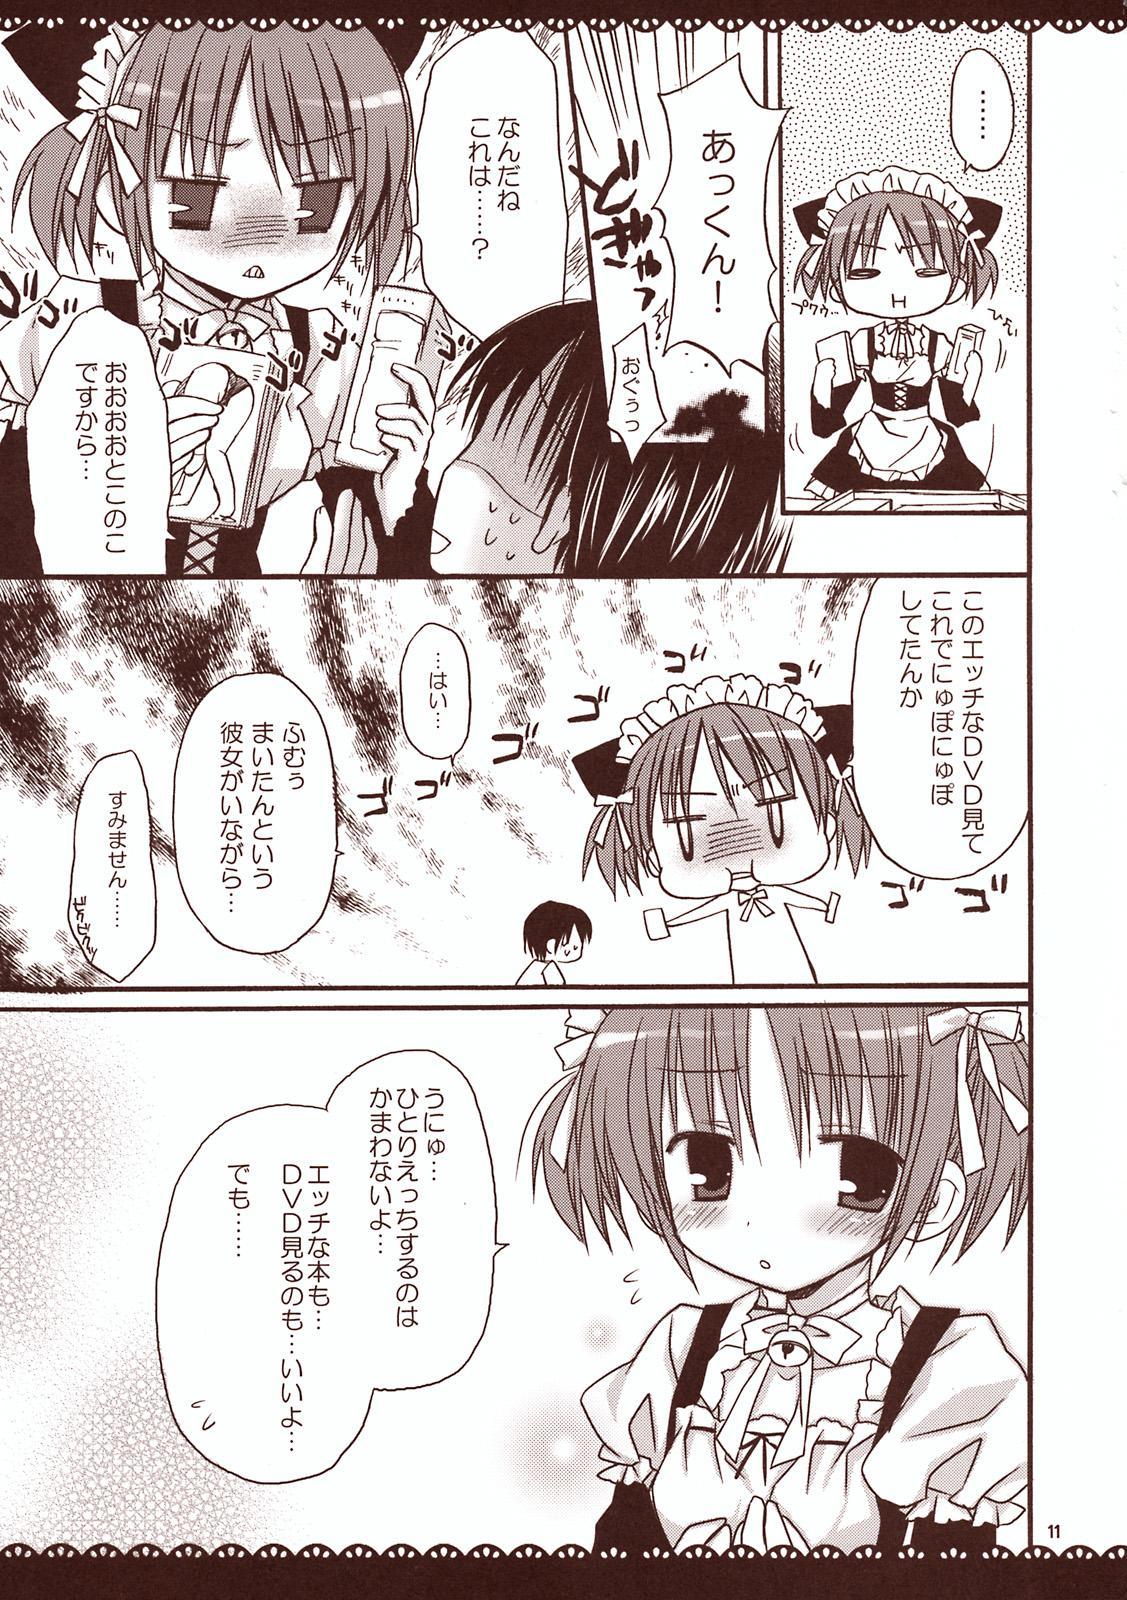 Maid-san to Amai Jikan 9